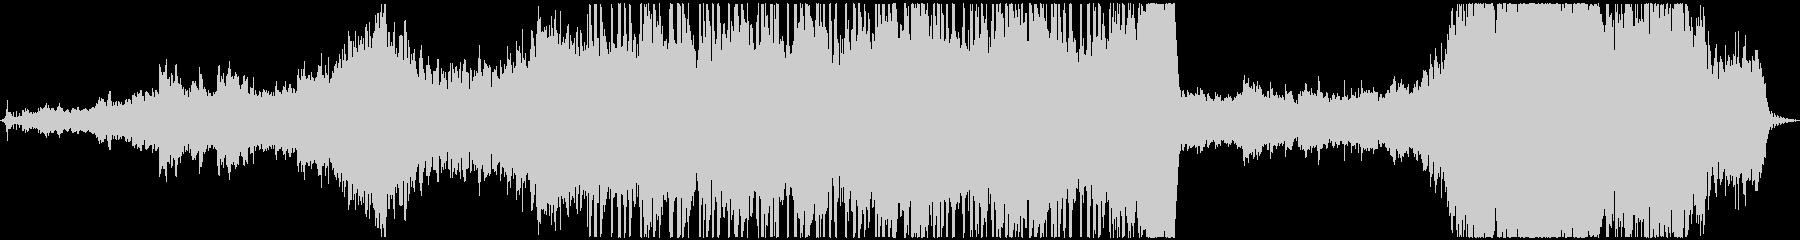 エレクトロ 交響曲 モダン 実験的...の未再生の波形